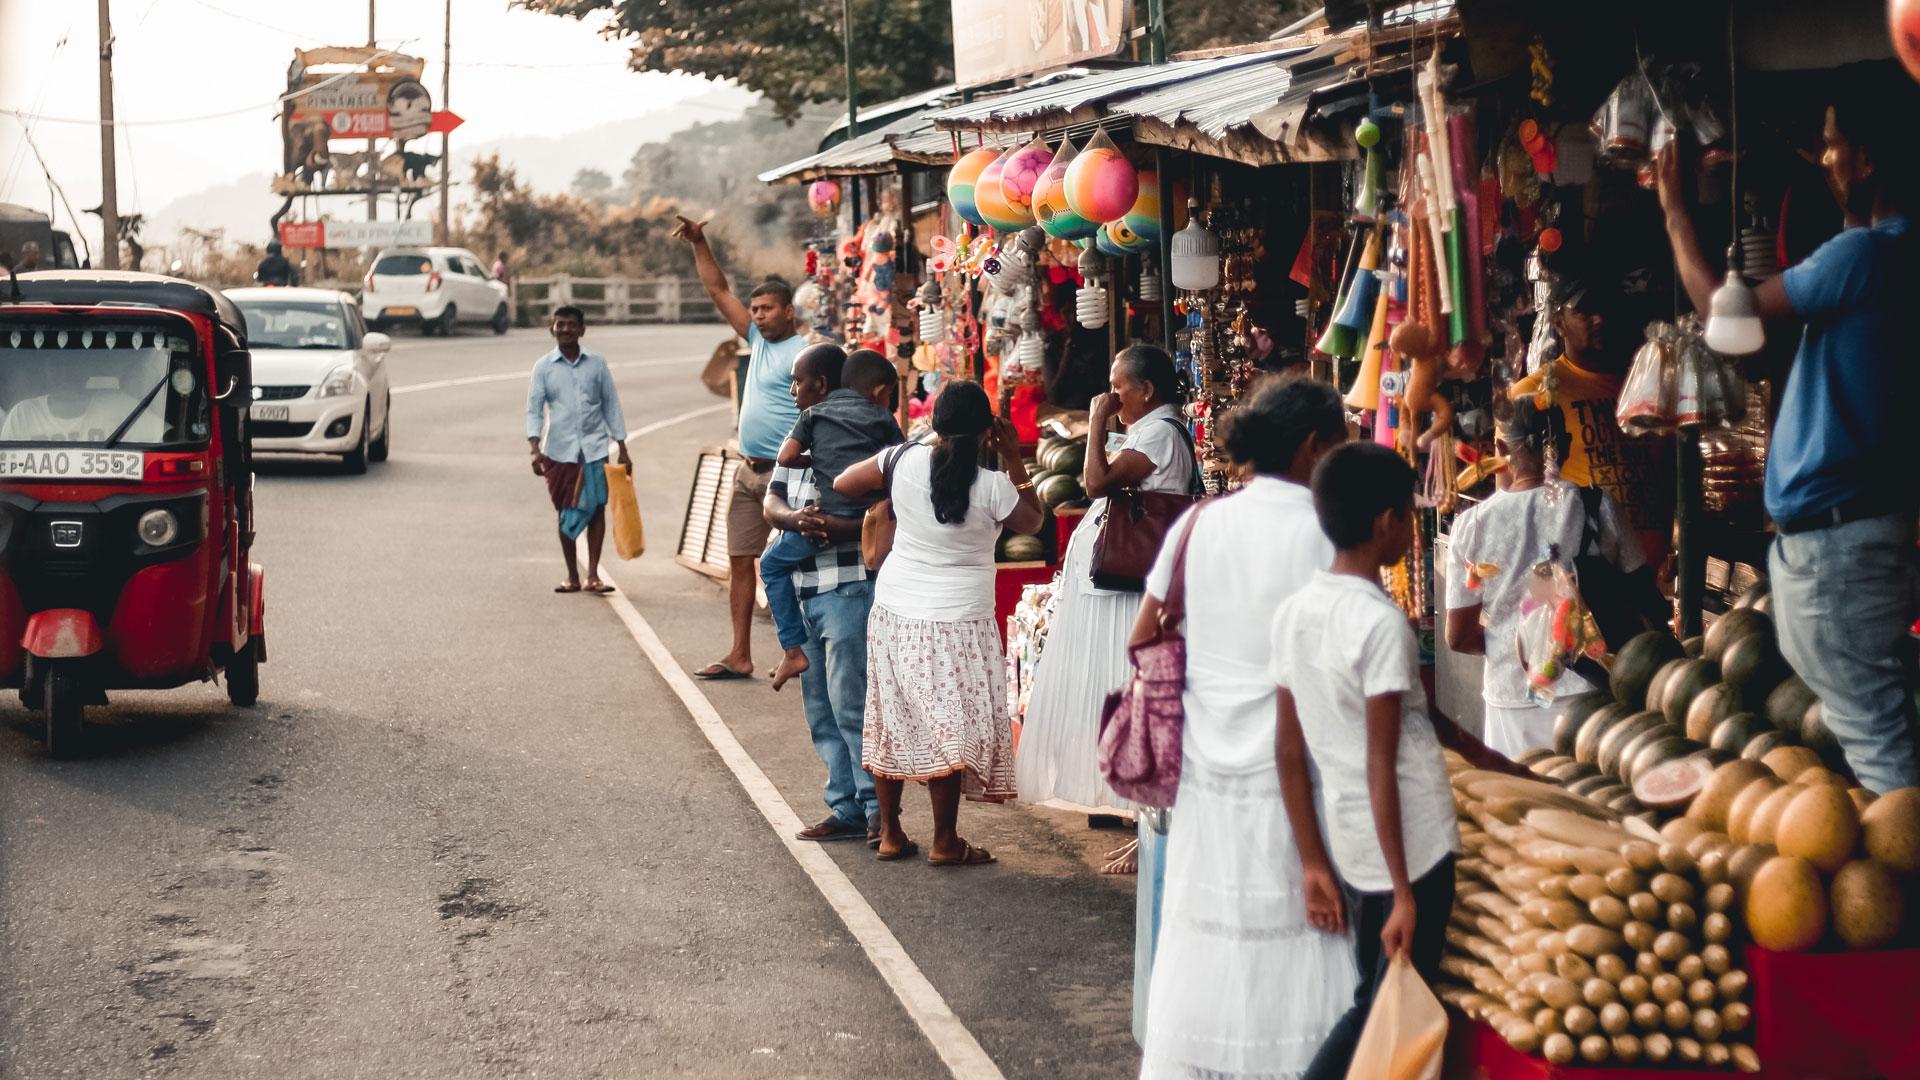 Von den mehr als 21 Millionen Bewohnern des Inselstaates Sri Lanka bekennen sich etwa zwei Millionen zum christlichen Glauben